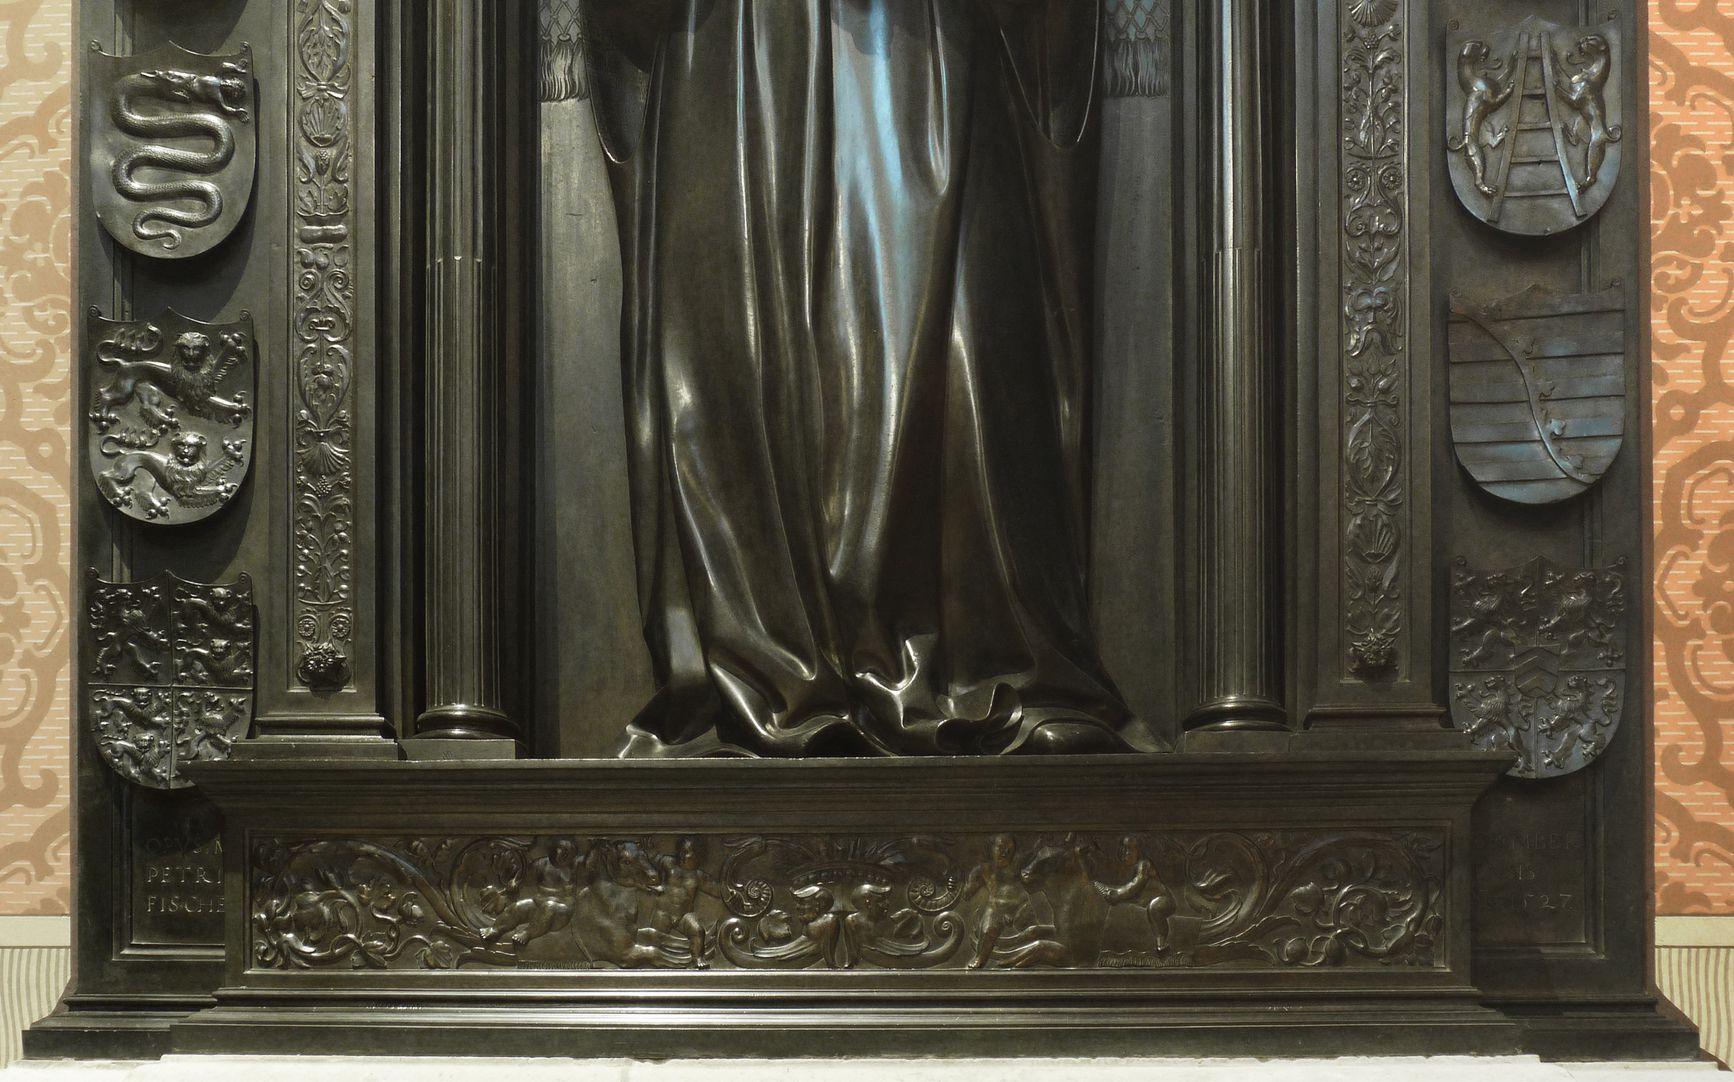 Grabmal Friedrichs des Weisen (Wittenberg) Grabplatte, Unterteil